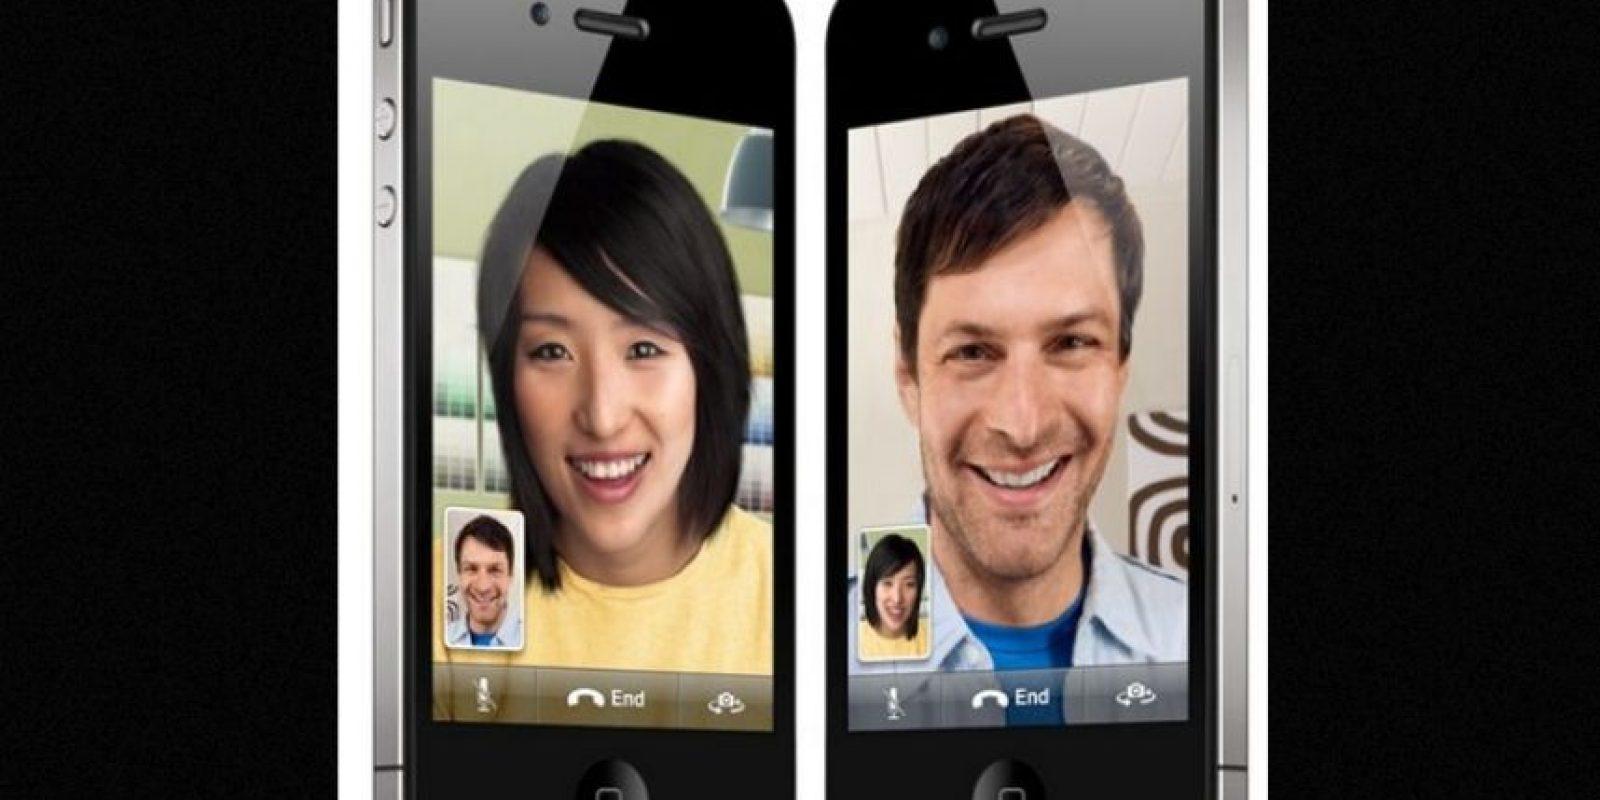 """La función """"FaceTime"""" ya es común en los iPhones. También existe Skype. Foto:vía Apple"""